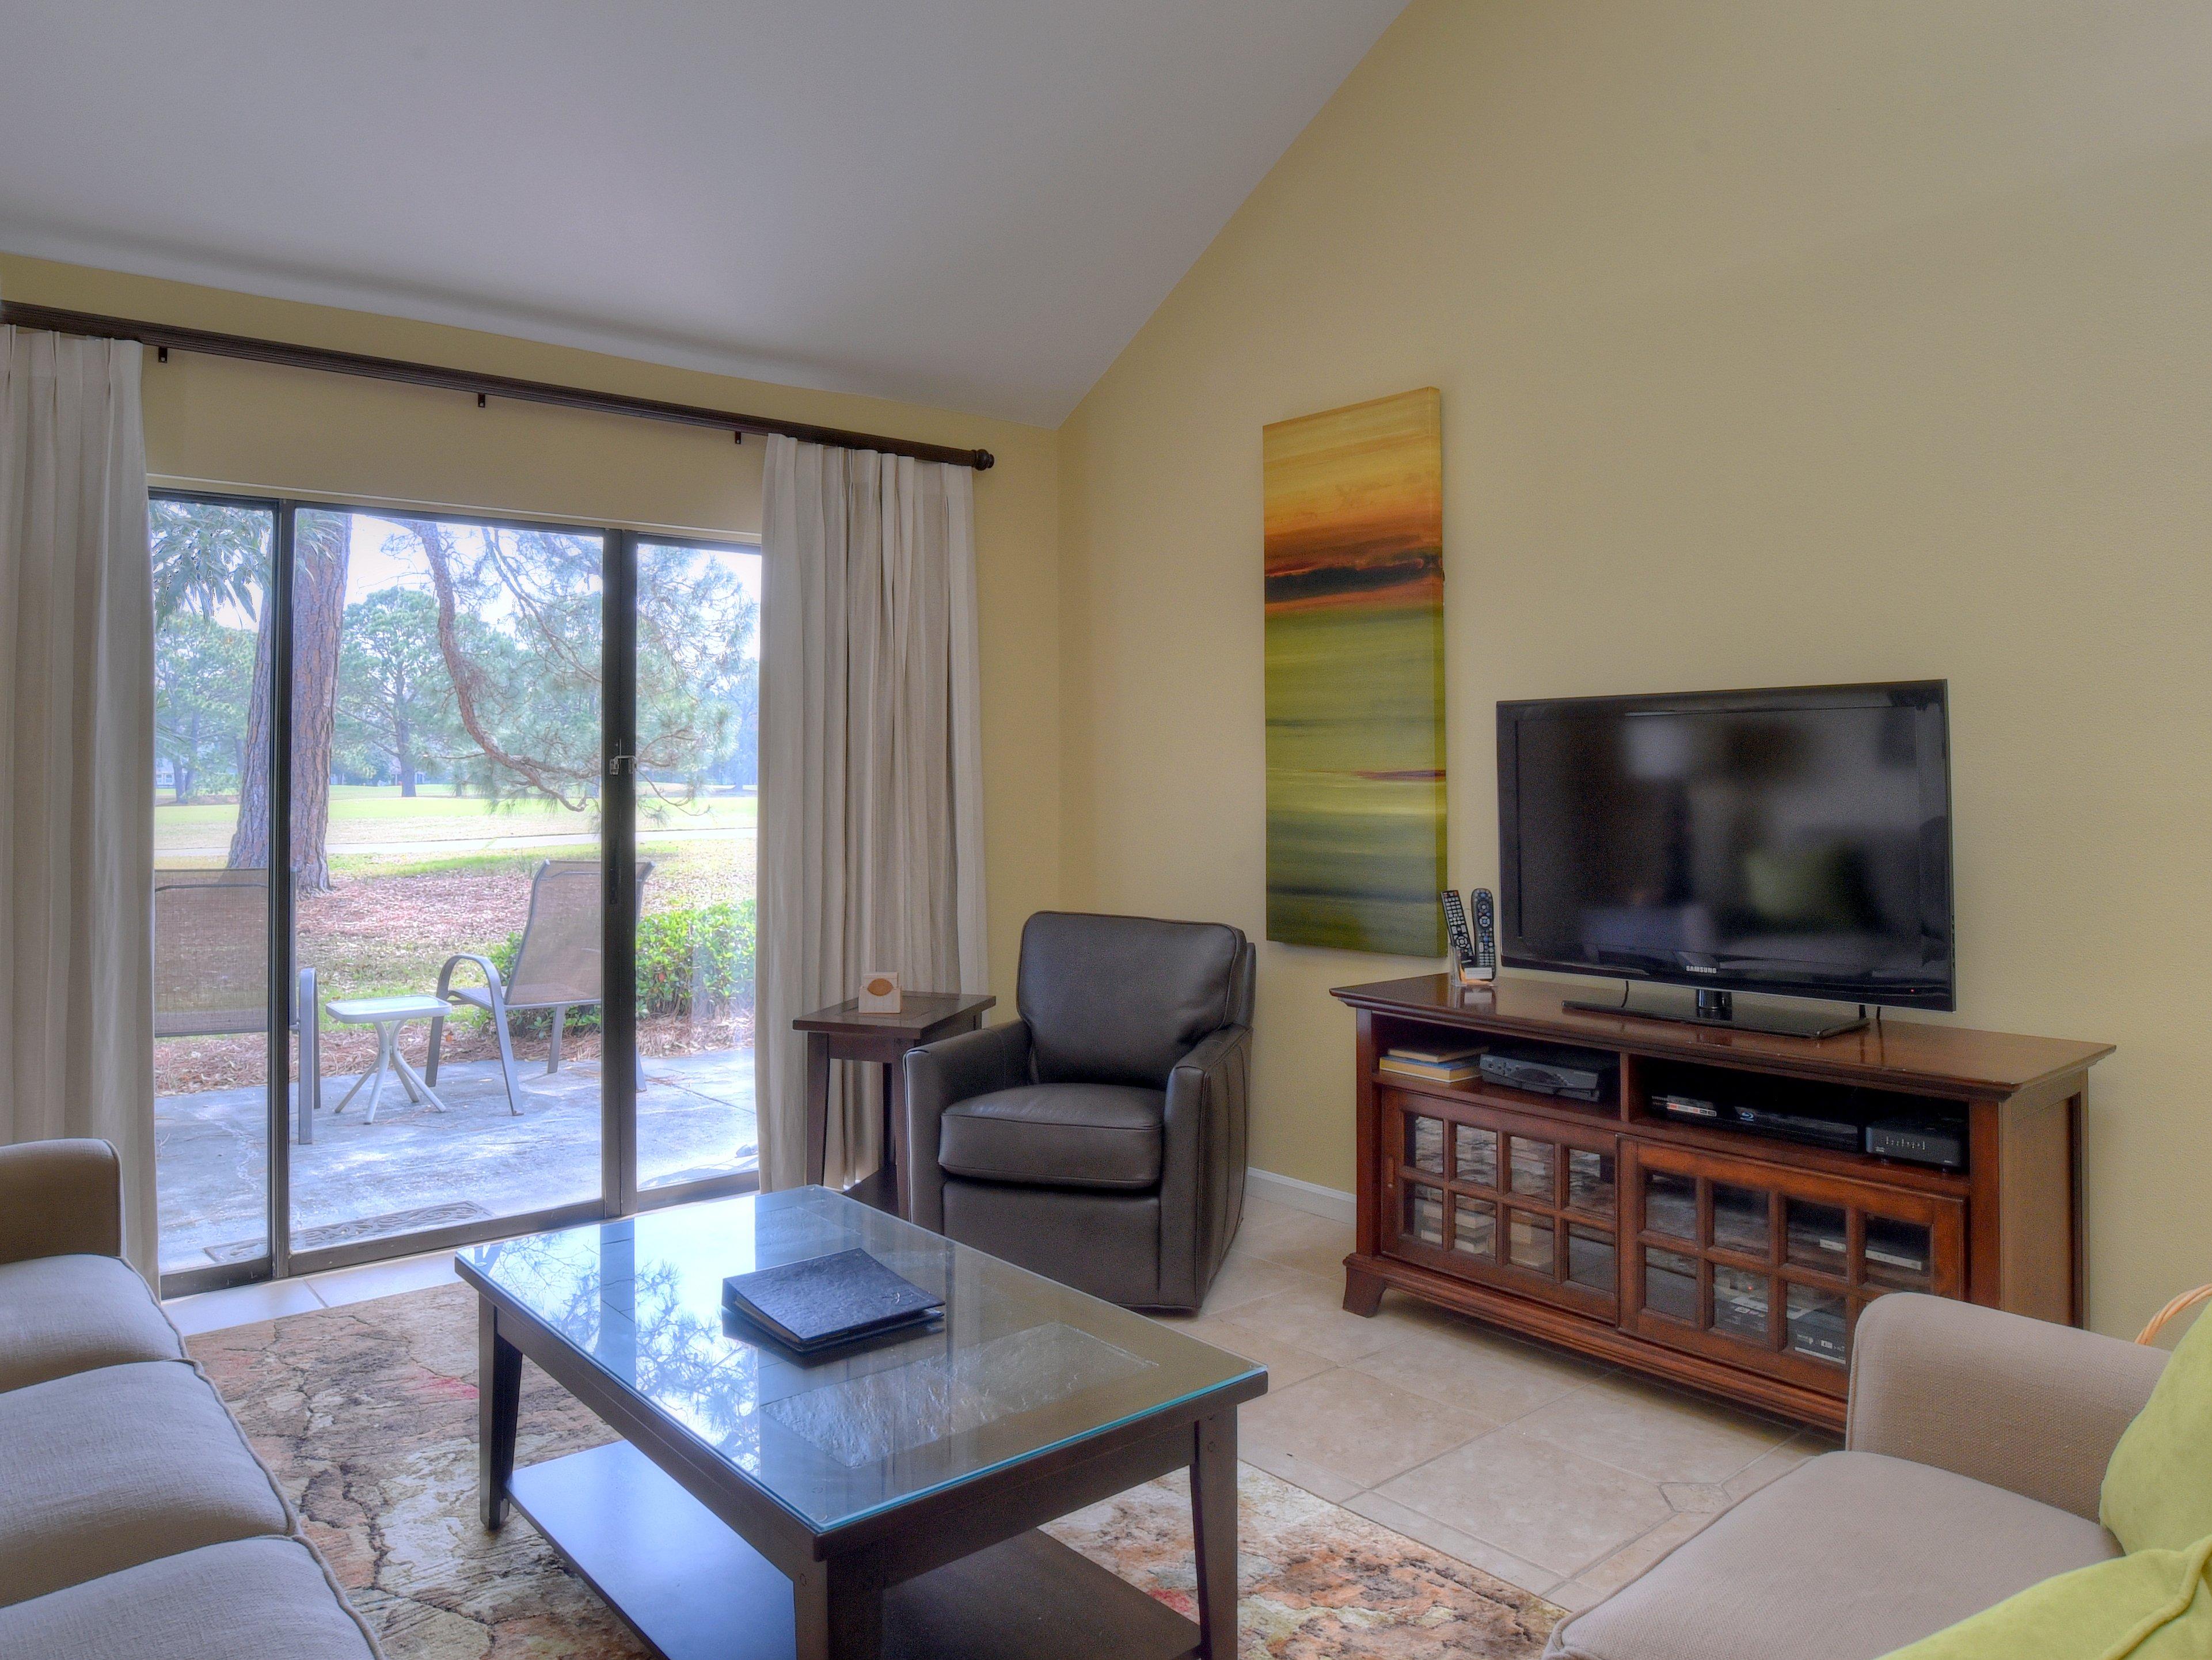 285 Fairways Condo rental in Sandestin Rentals ~ Cottages and Villas  in Destin Florida - #11